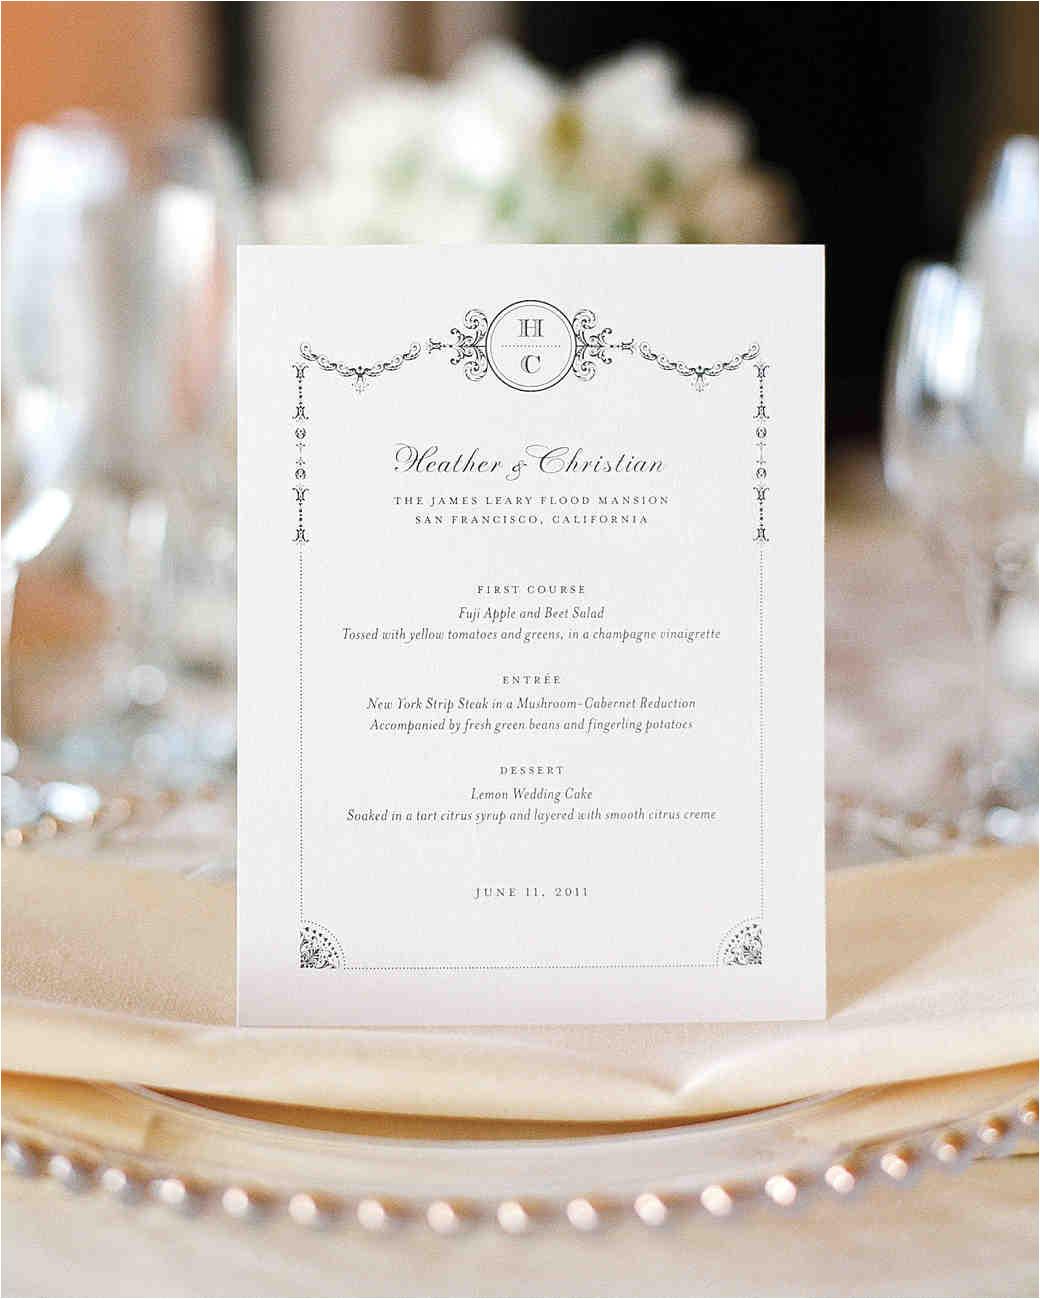 melton wagner menu card mwds109373 vert jpg